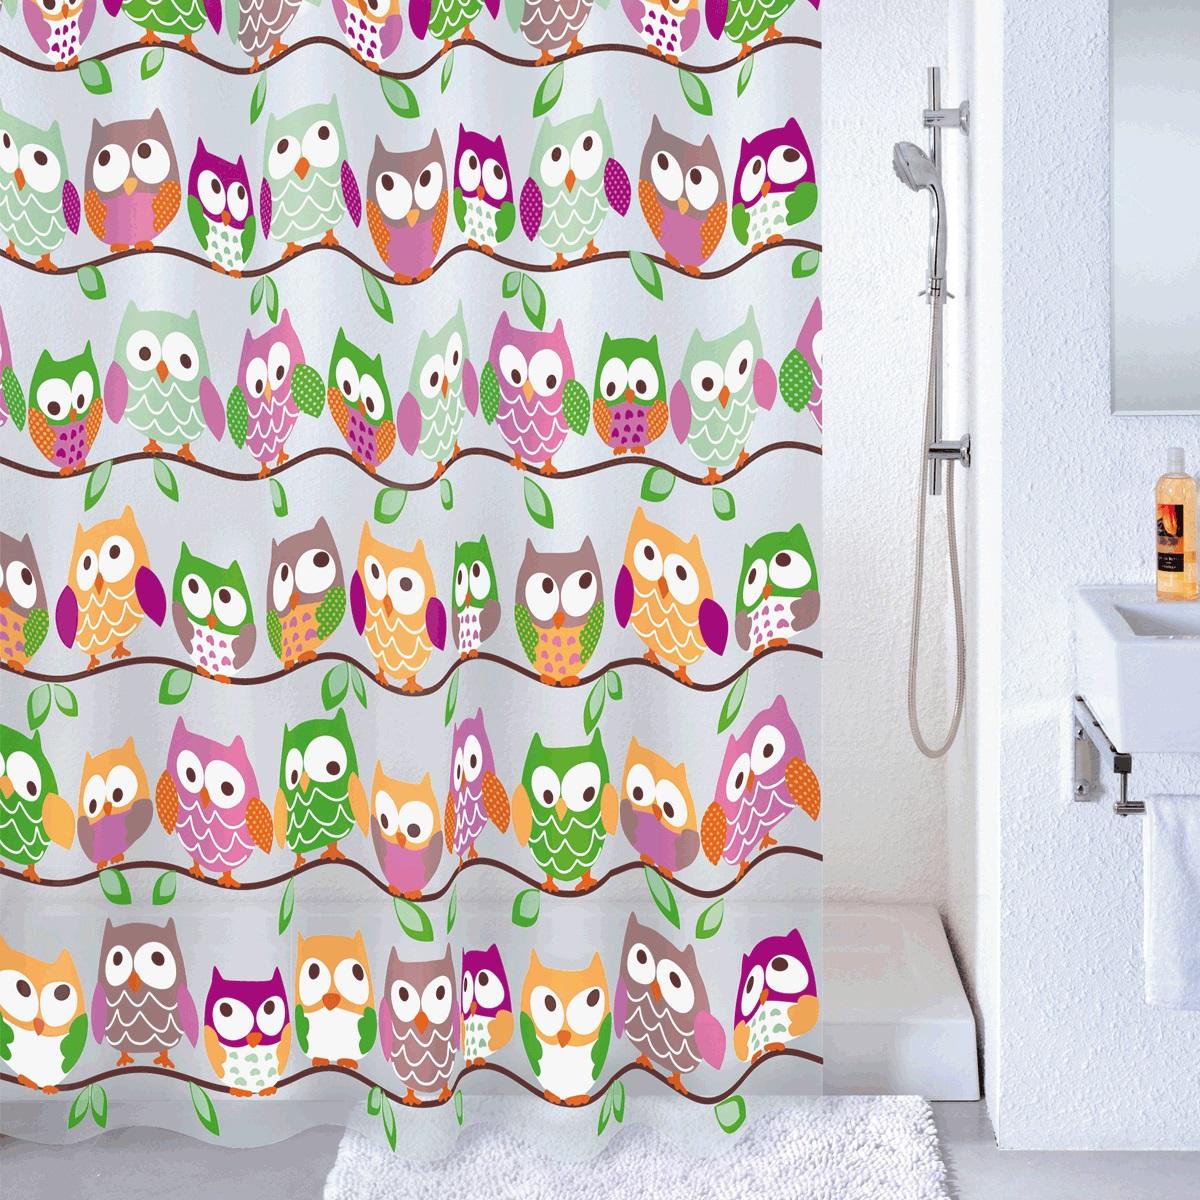 Штора для ванной Milardo Cheeky Owls, цвет: мультиколор, 180 x 180 см530V180M11Штора для ванной Cheeky Owls, изготовленная из Peva - водонепроницаемого, мягкого на ощупь и прочного материала, декорирована изображением забавных совят. Штора идеально защищает ваннуюкомнату от брызг. В верхней кромке шторы предусмотрены металлические отверстия для колец (входят в комплект).Штора Cheeky Owls порадует вас своим ярким дизайном и добавит уюта в ванную комнату. Количество колец: 12 шт.